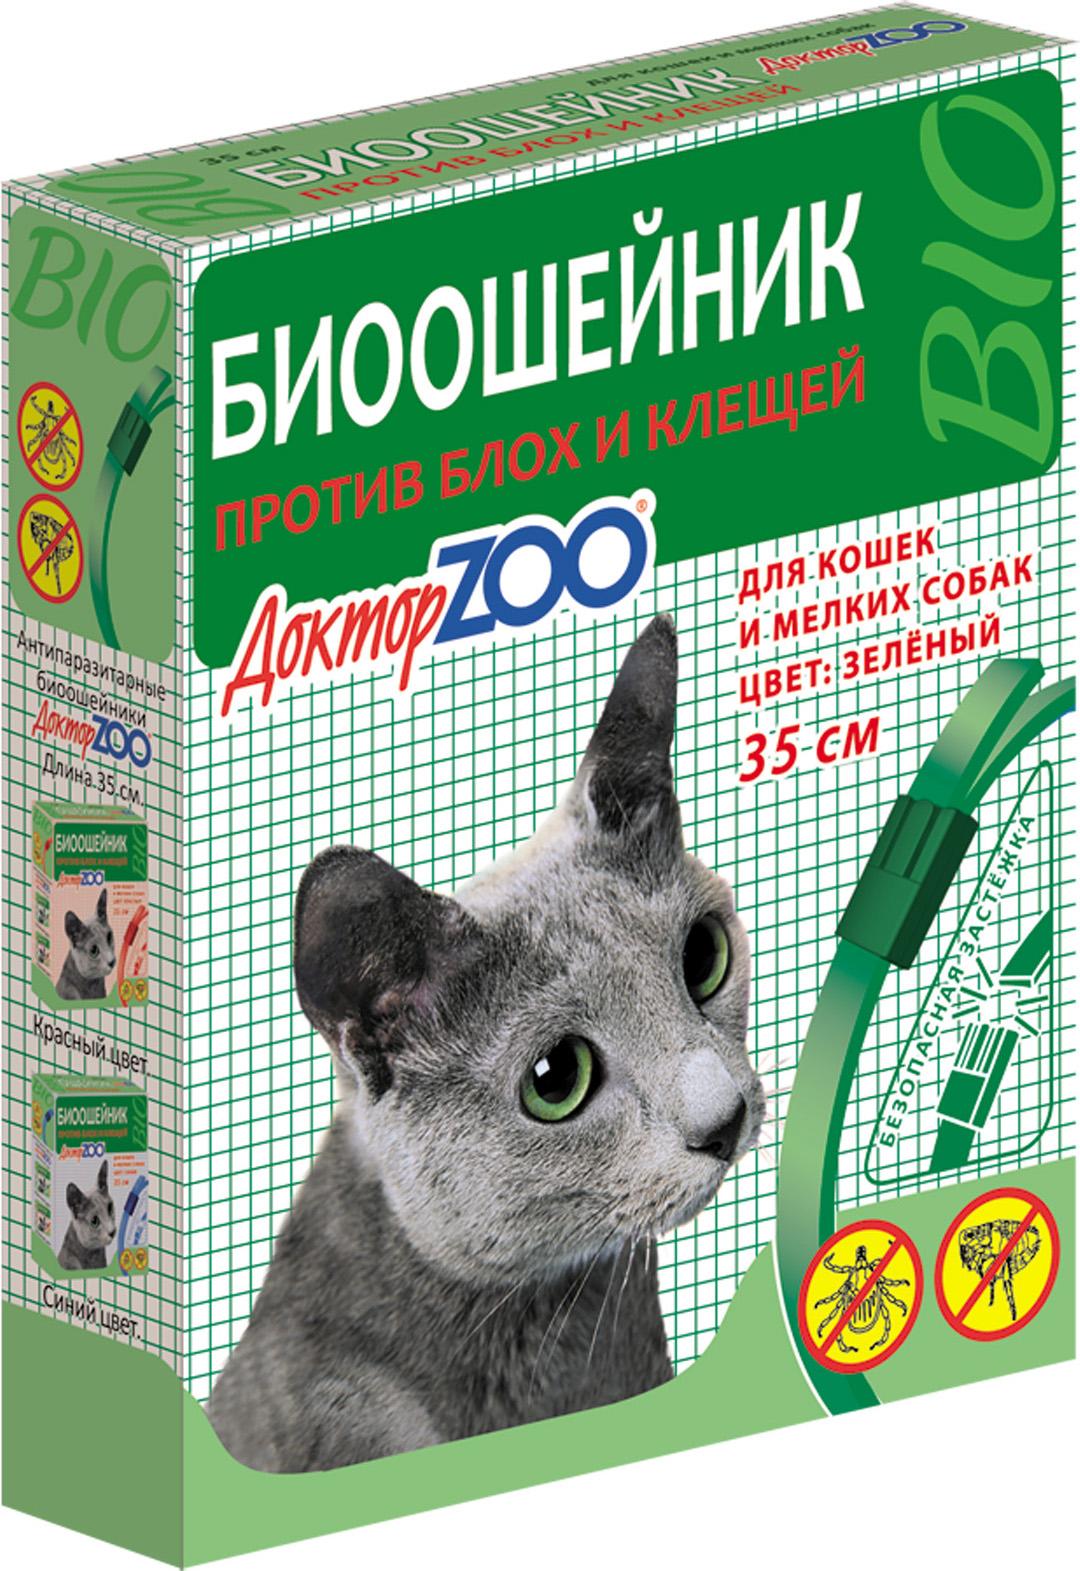 БИОошейник Доктор ZOO, для кошек и мелких собак, от блох и клещей, цвет: зеленый, 35 см спрей моющий для дезинфекции и ликвидации запахов zoo clean зоосан